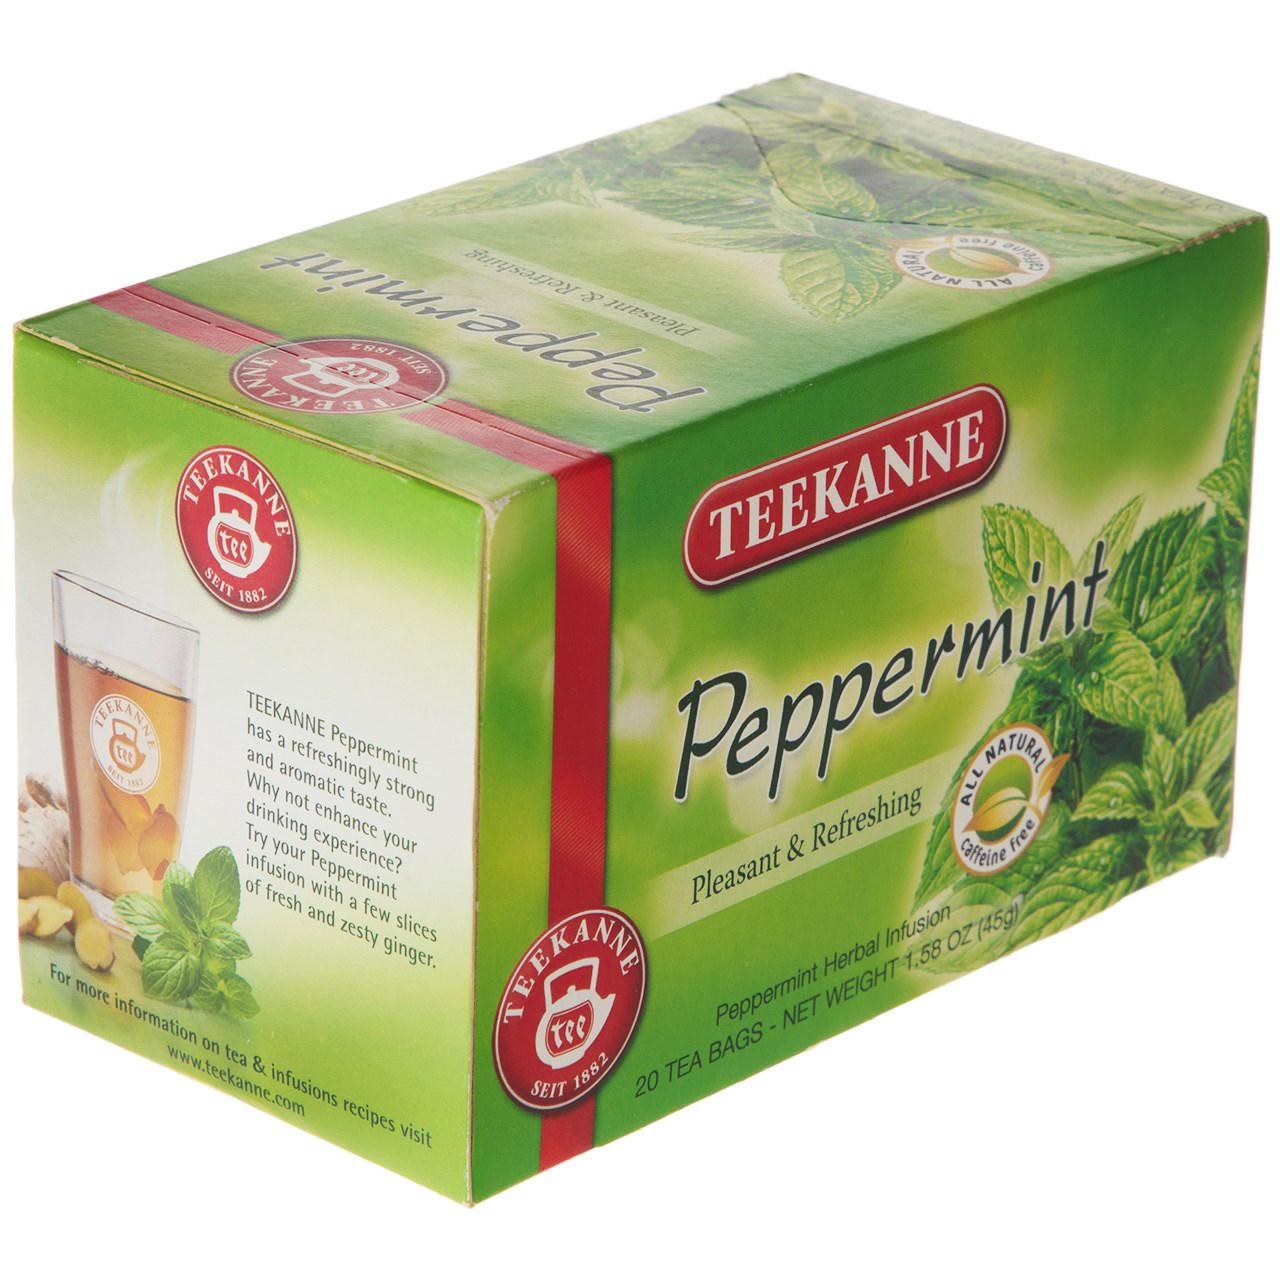 دمنوش کیسه ای تی کانه مدل Peppermint بسته 20 عددی